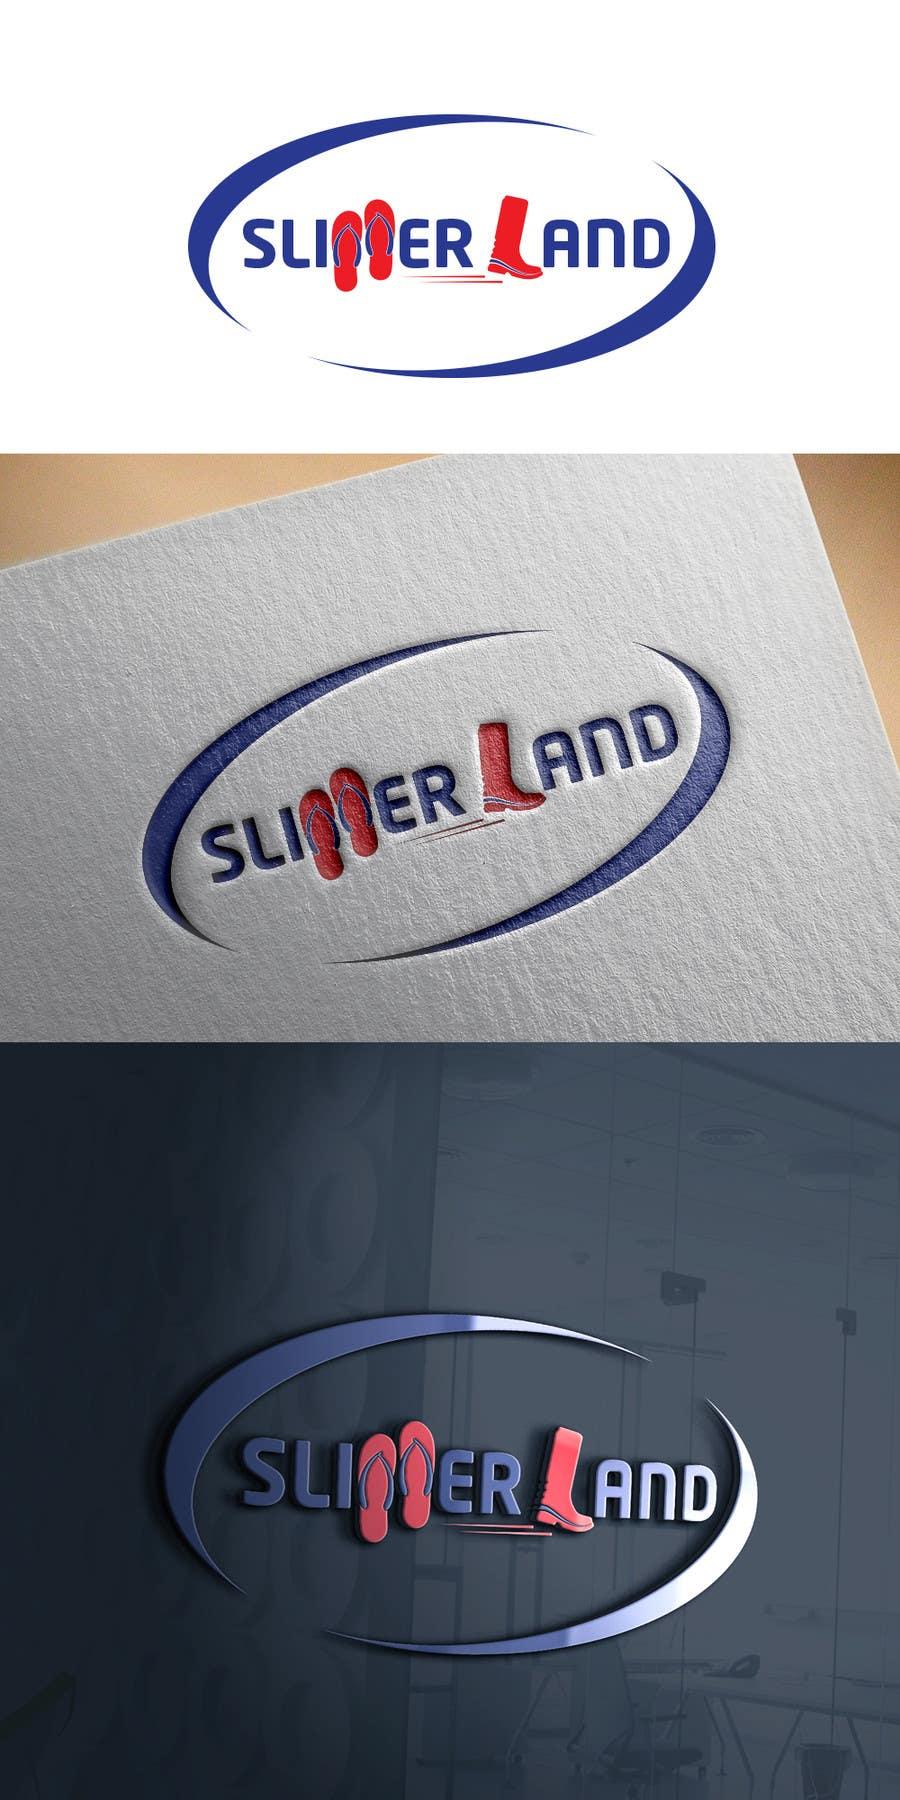 Proposition n°77 du concours Design a logo for e-shop